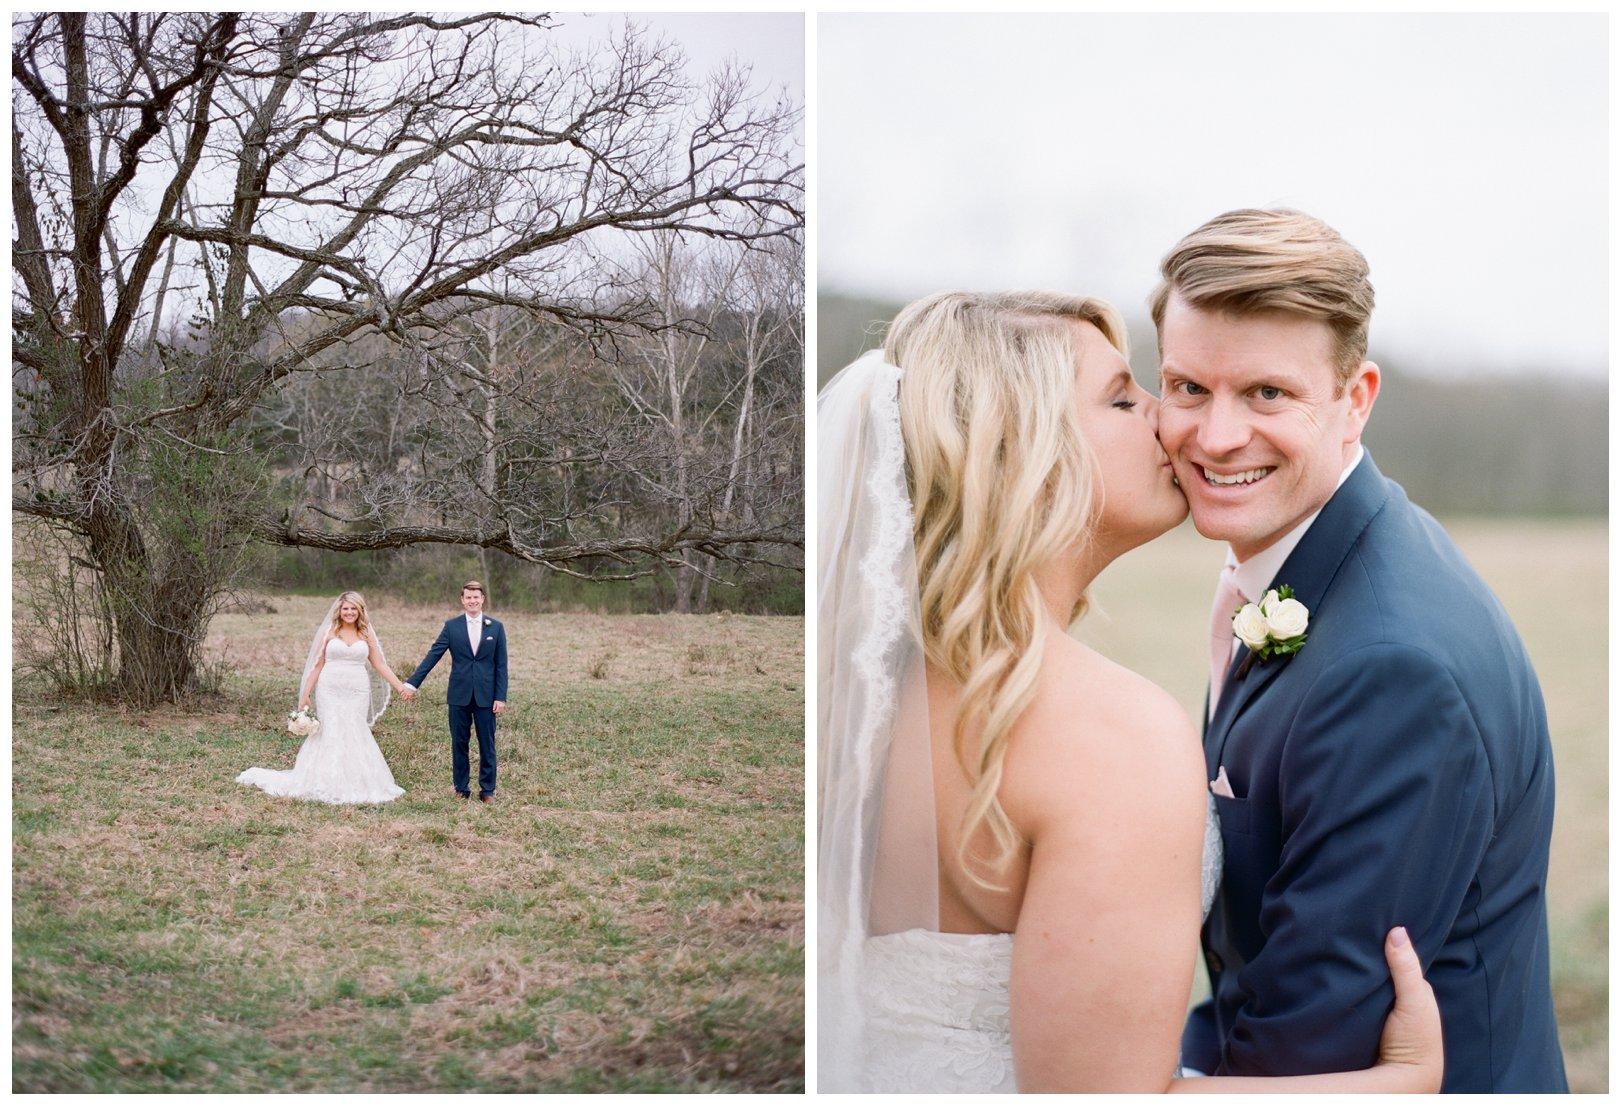 lauren muckler photography_fine art film wedding photography_st louis_photography_0991.jpg